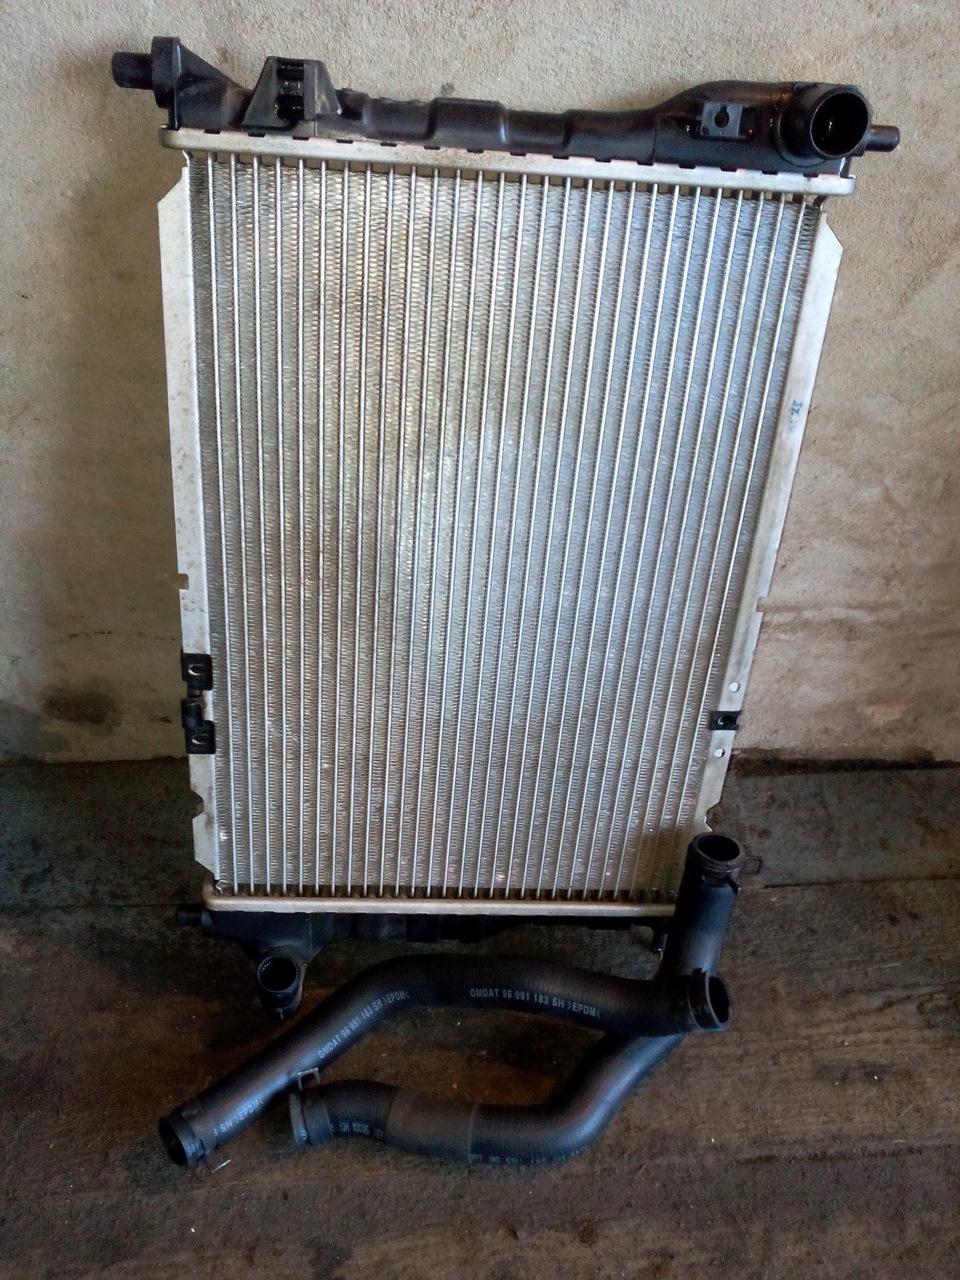 схема системы охлаждения двигателя автомобиля тико